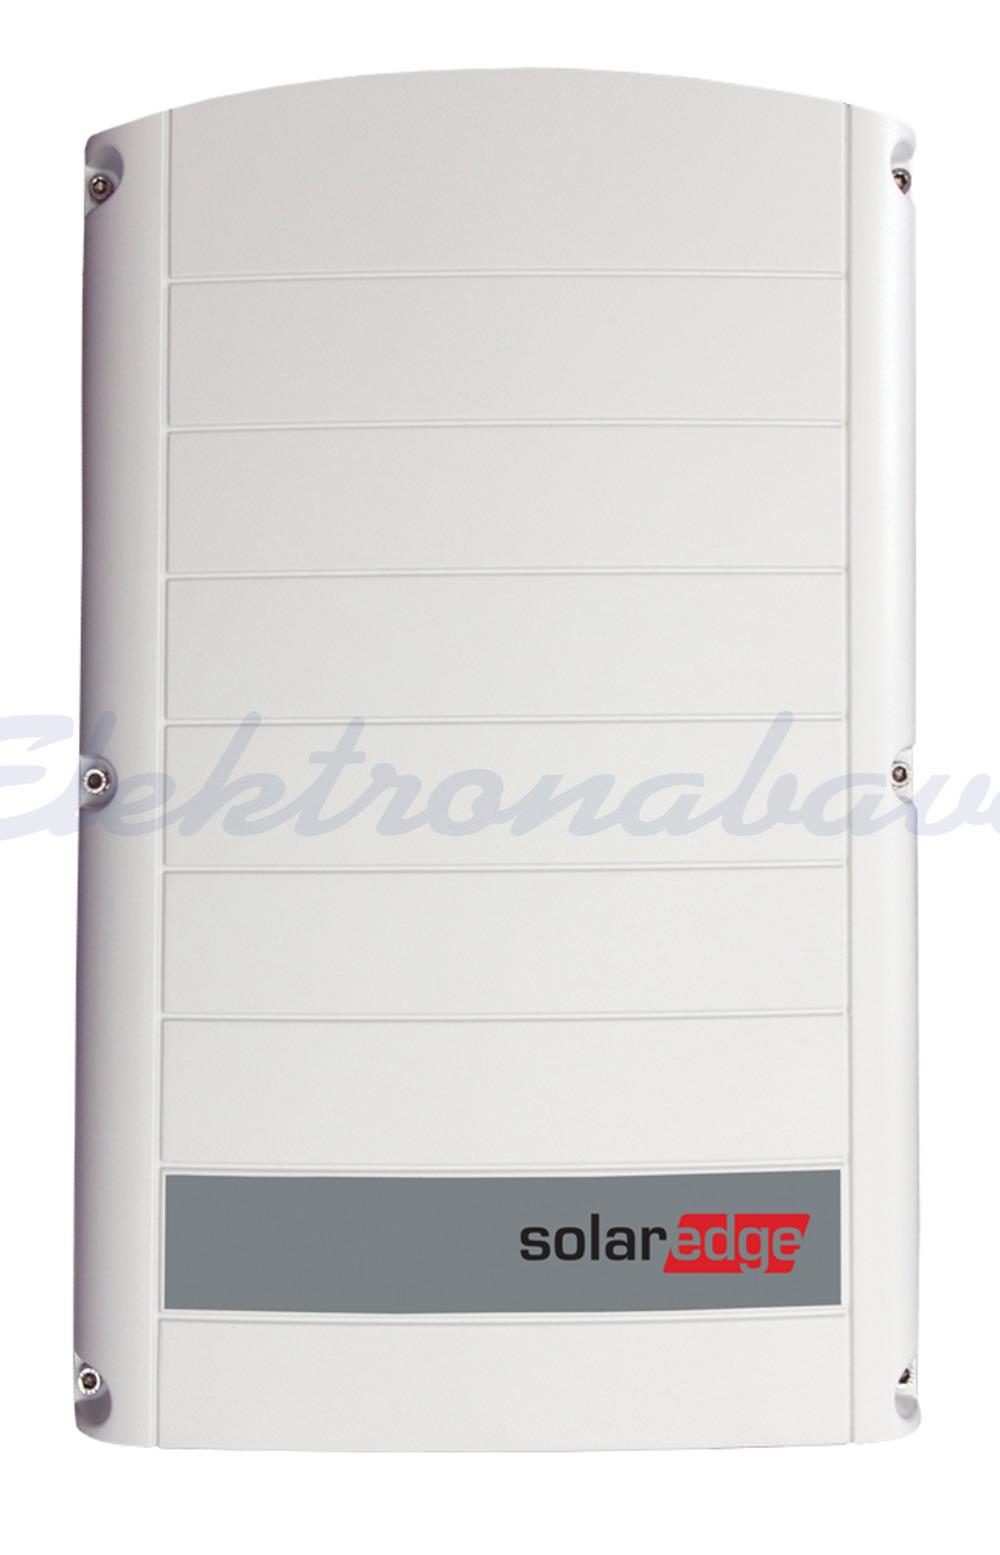 Slika izdelkaSolarni razsmernik, omrežni SOLAREDGE 6kVA 3F